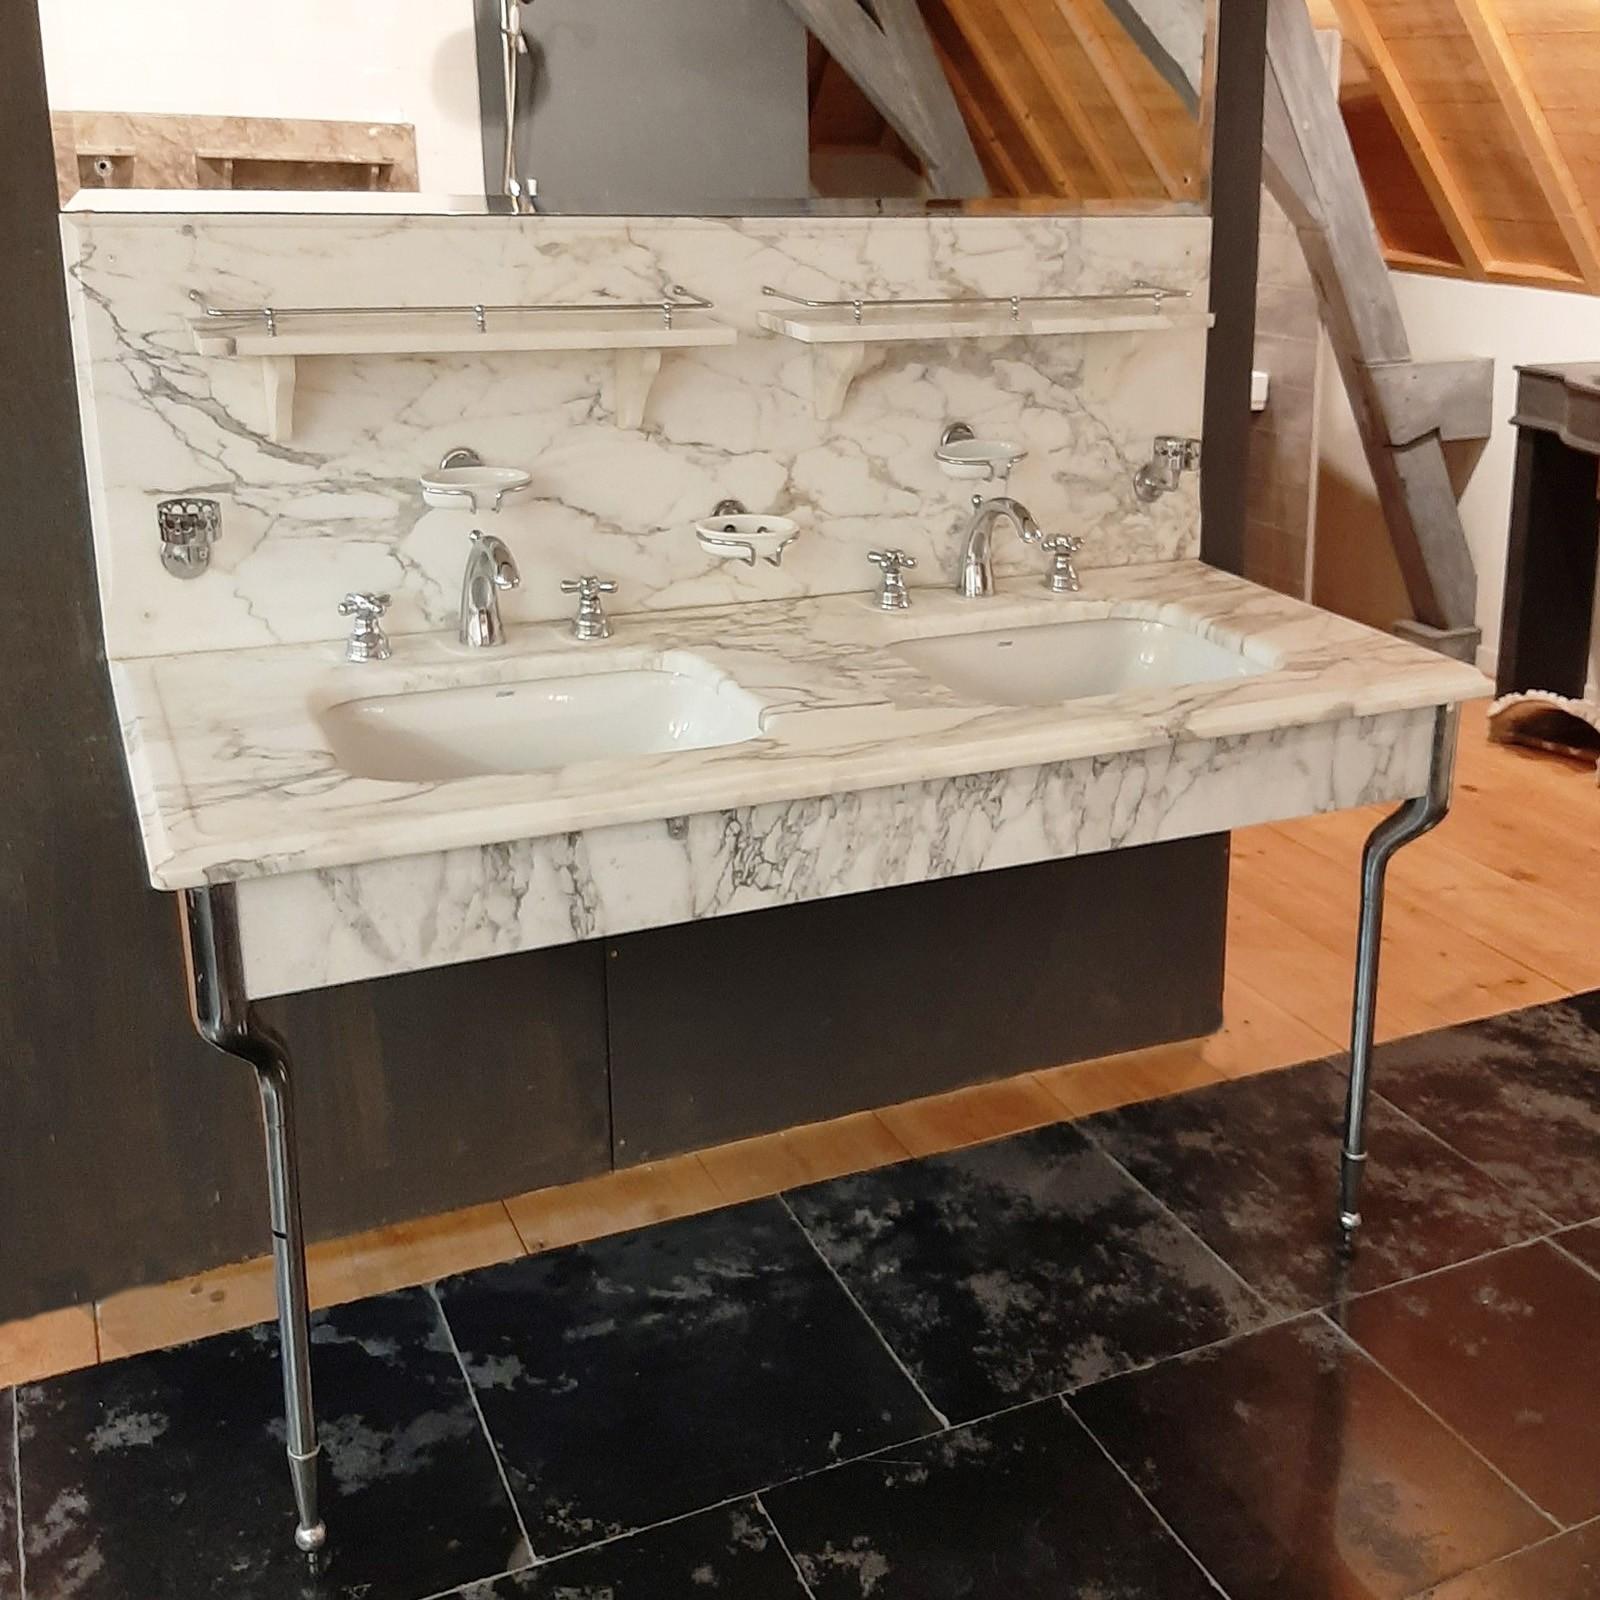 Waschtischmöbel aus Arabescato-Marmor